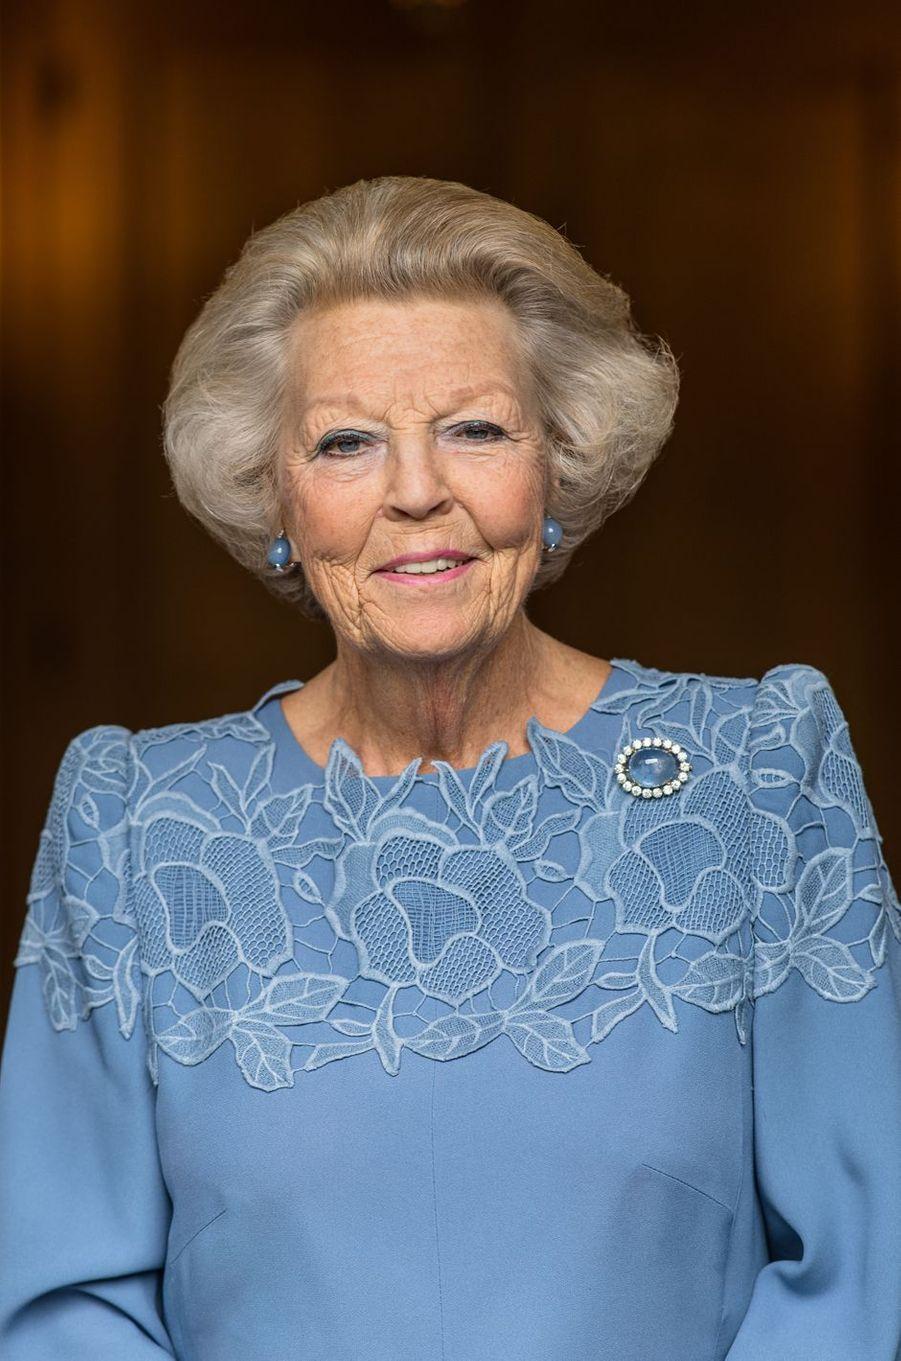 Portrait de l'ex-reine Beatrix des Pays-Bas à l'automne 2017. Photo diffusée pour ses 80 ans, le 31 janvier 2018